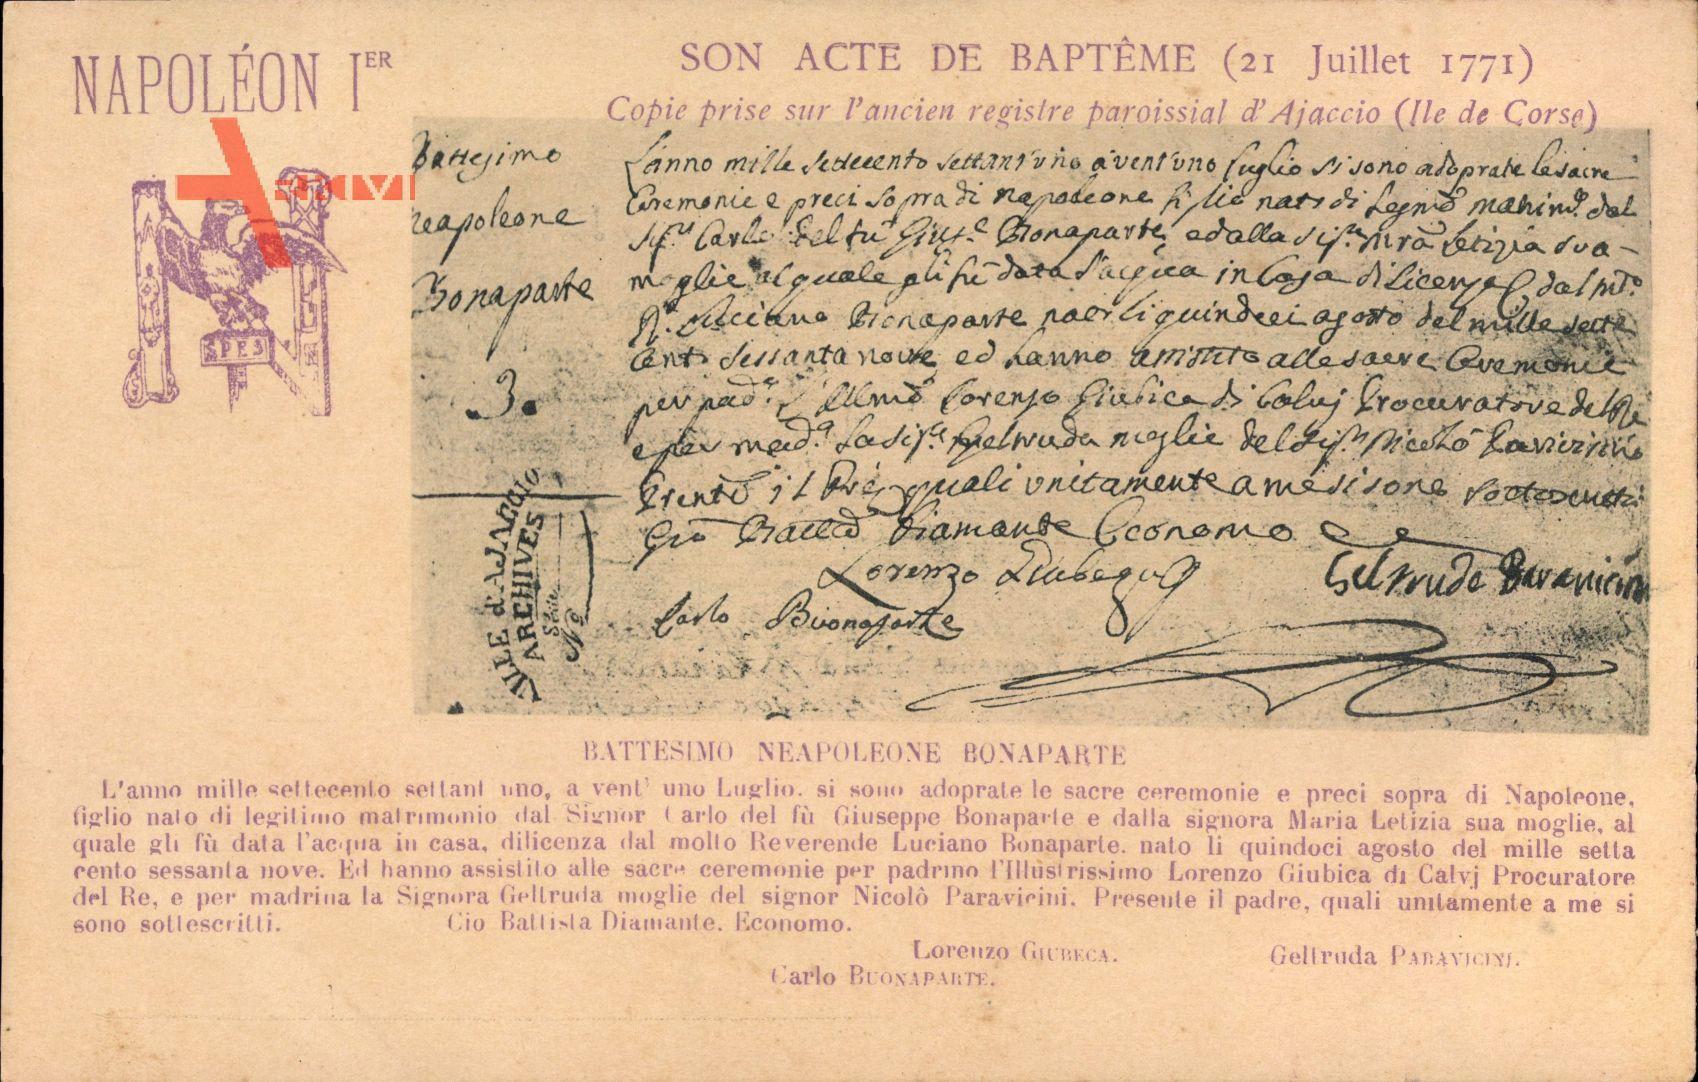 Napoleon Ier, Son Acte de Baptème, 21 Juillet 1771